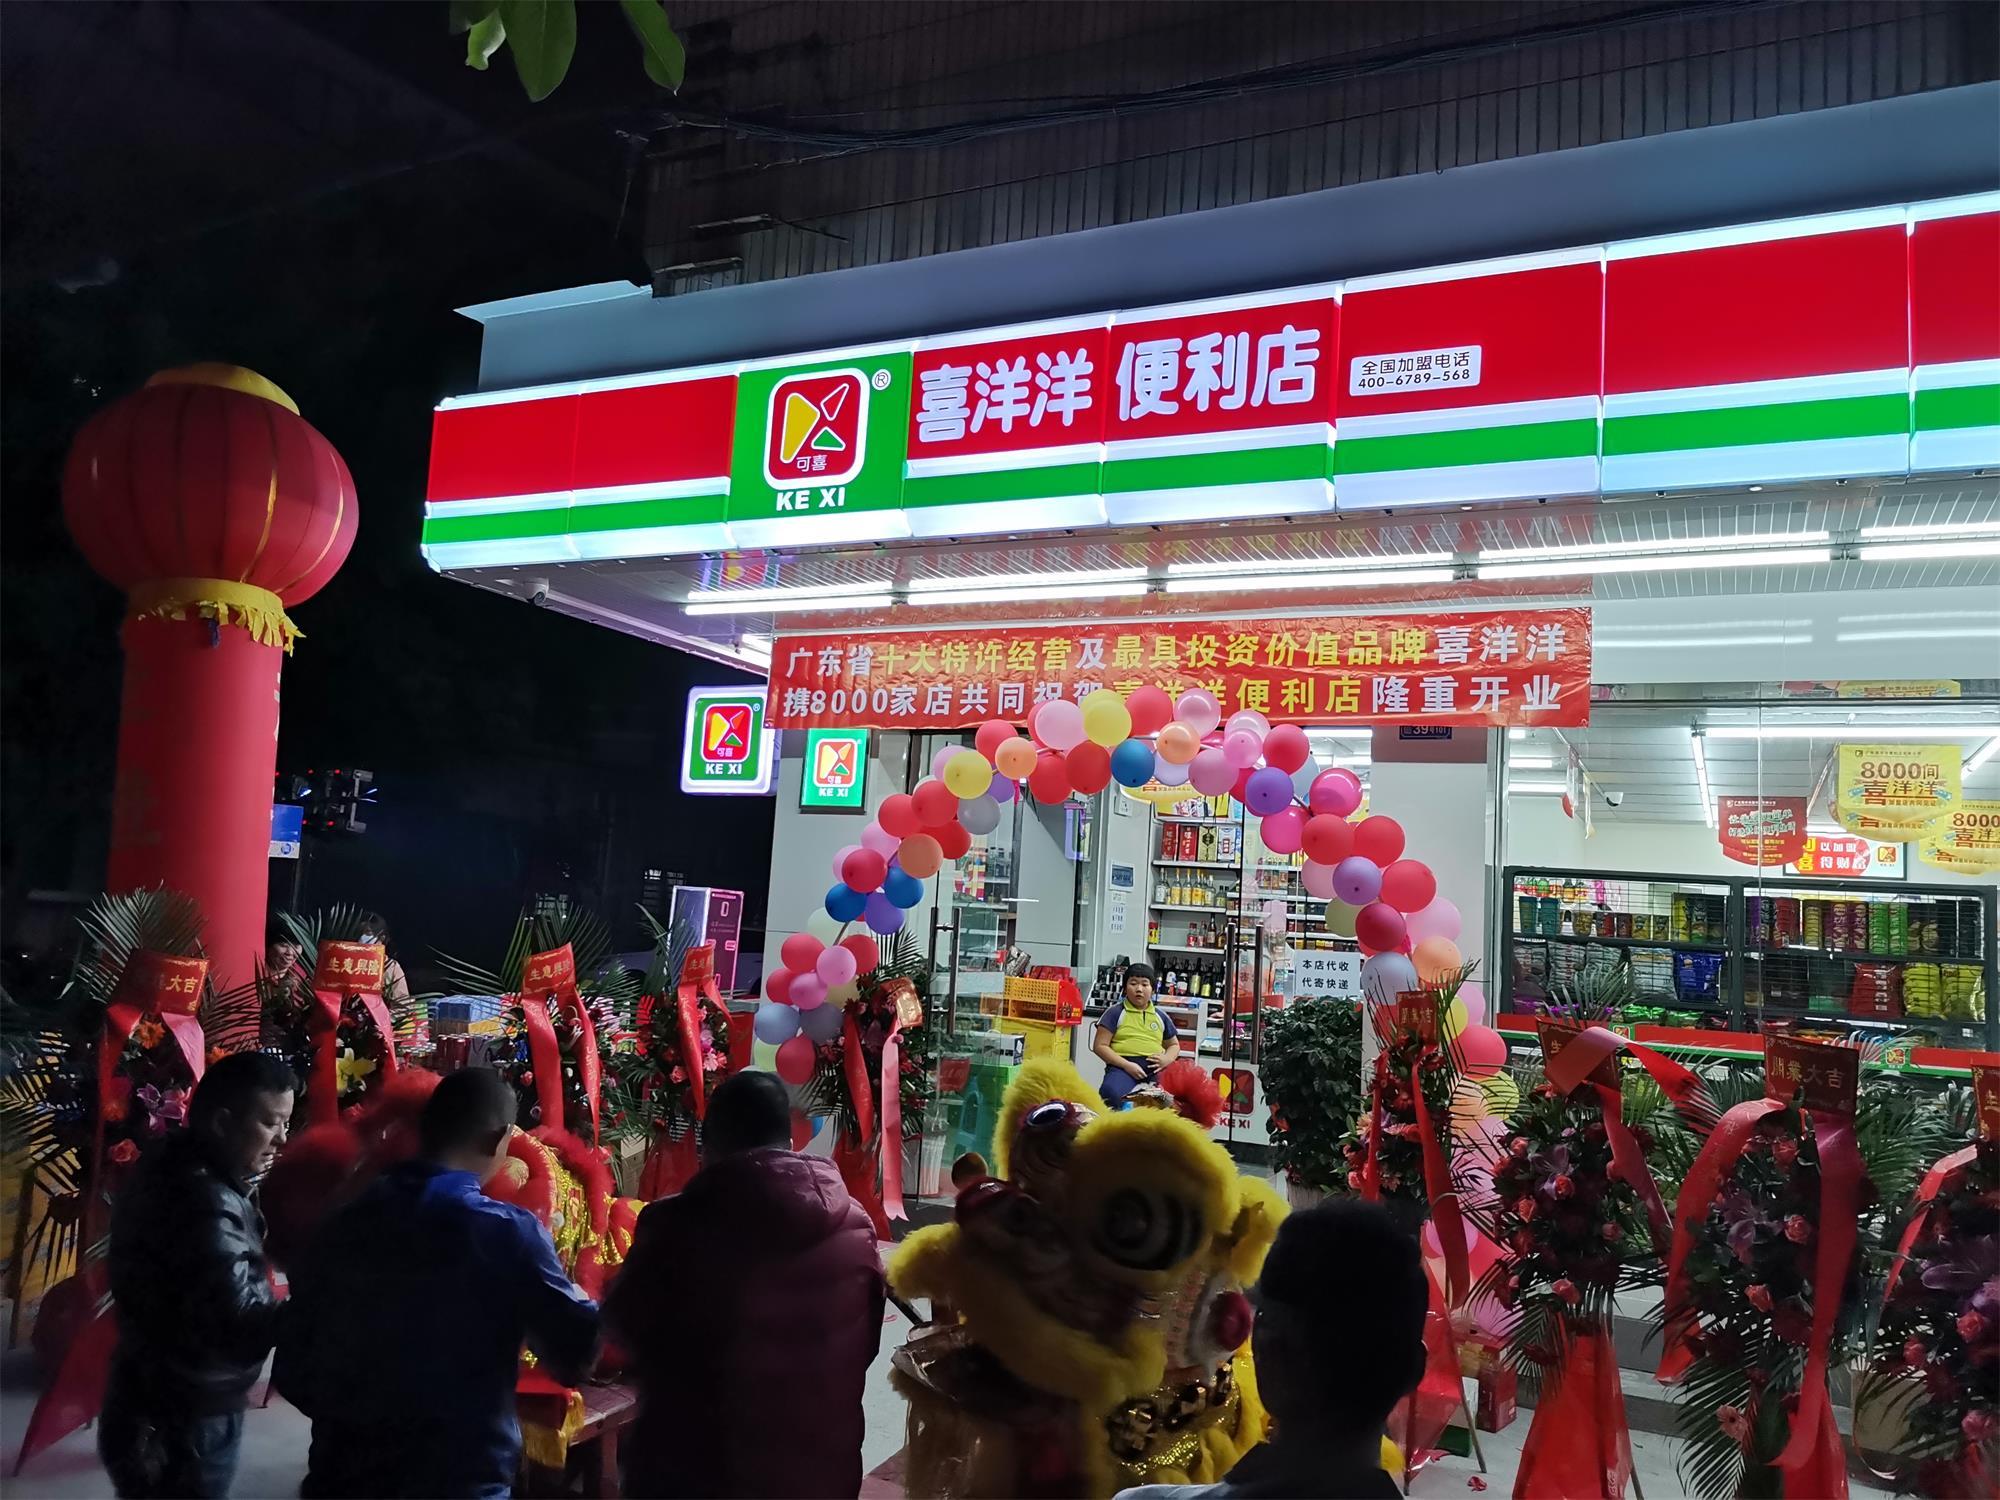 喜洋洋全体员工热烈庆祝上沙福祥路分店12月3日隆重开业!